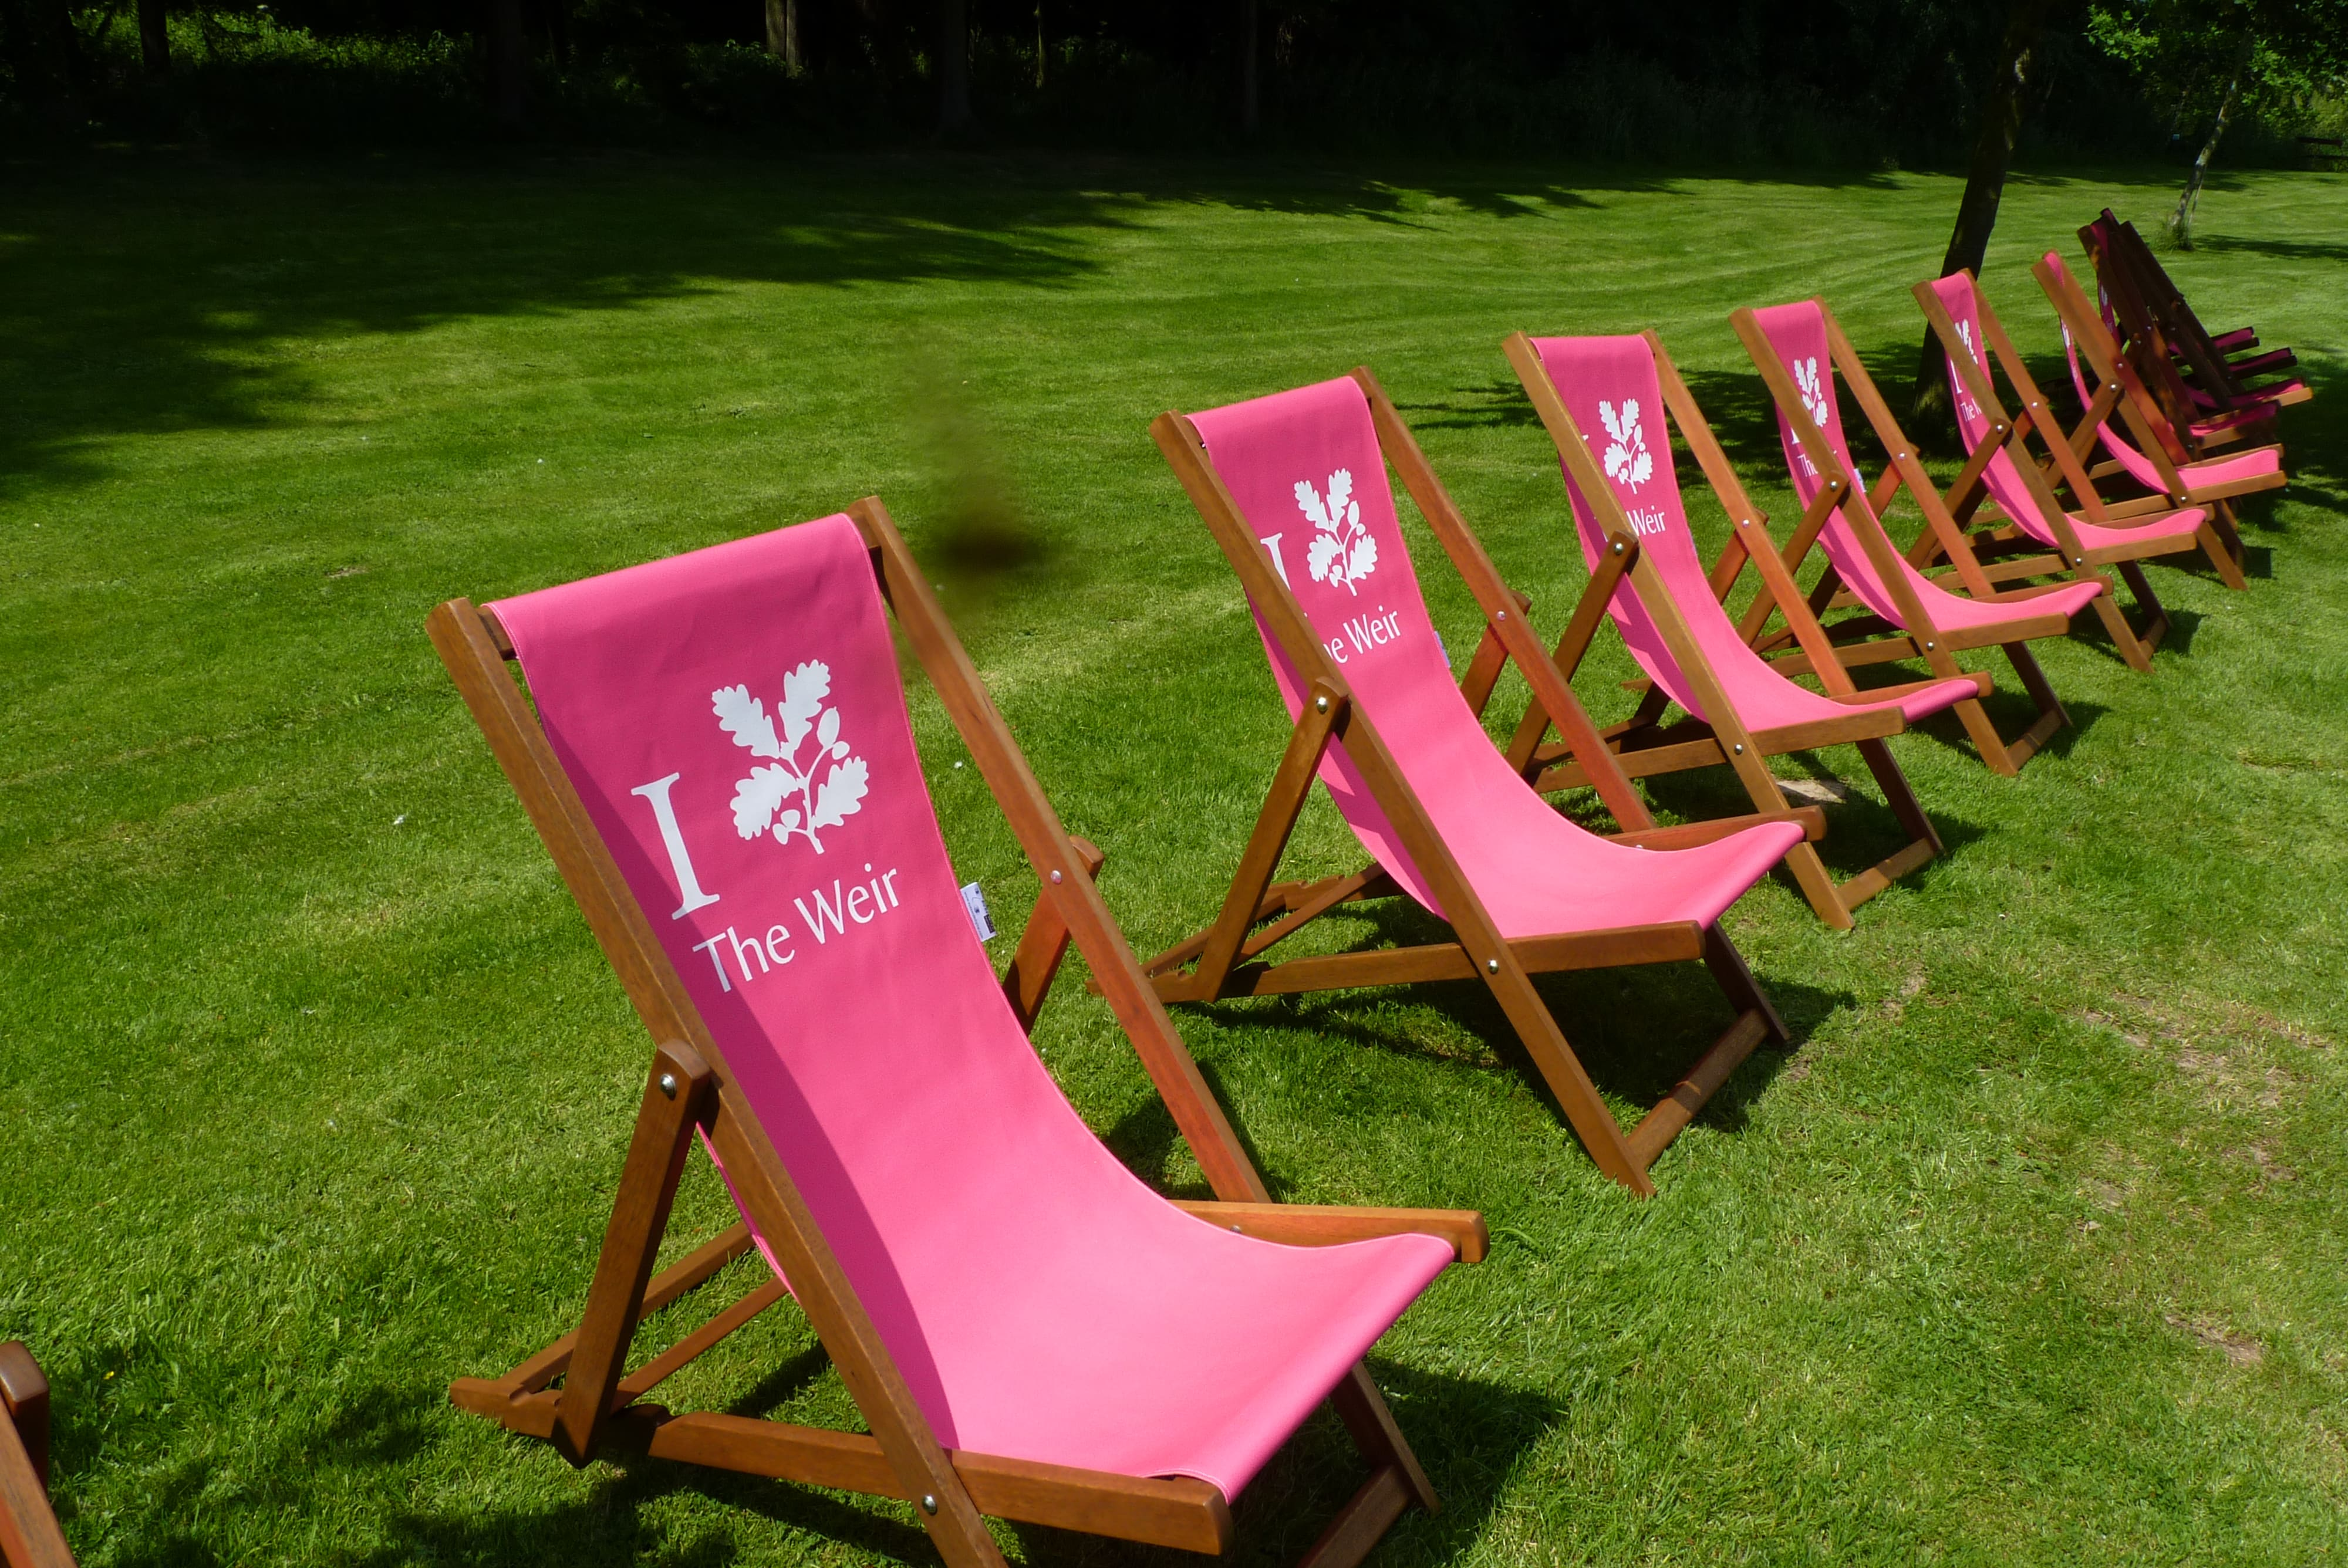 The Weir Garden Deckchairs